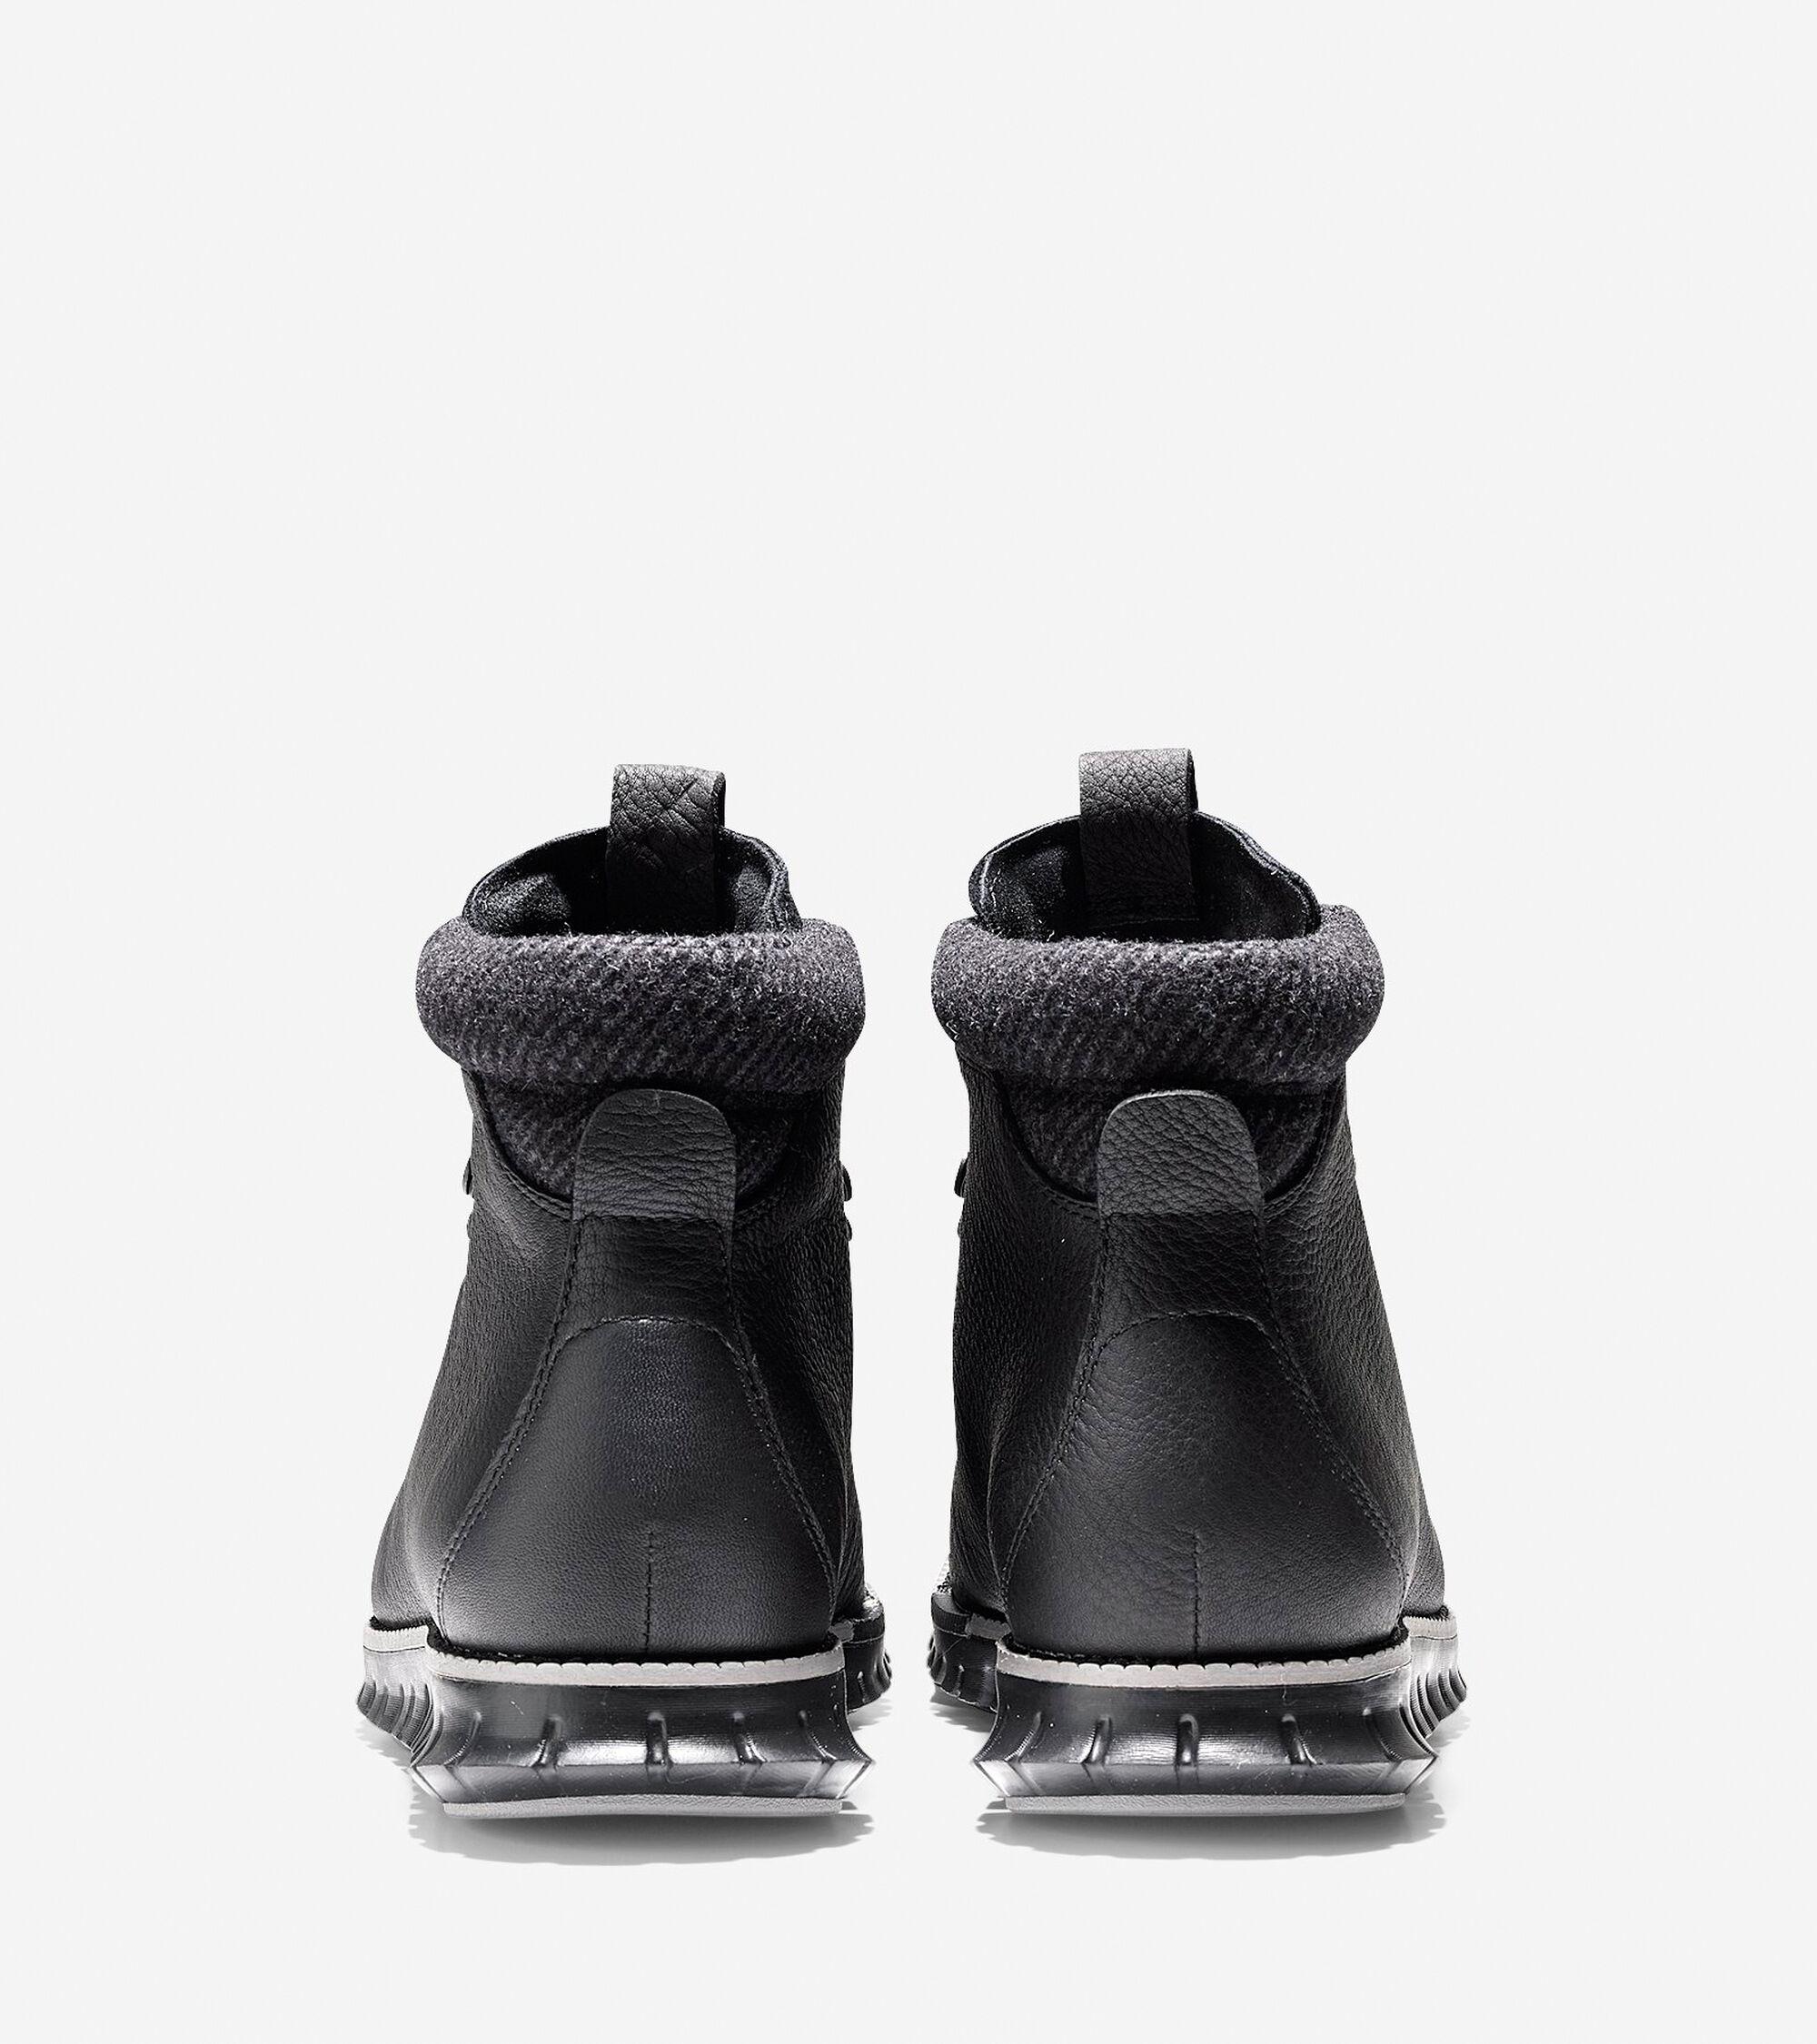 8e8e9c7e74c1 Men s ZEROGRAND Water Resistant Hiker Boots in Black-Ironstone ...